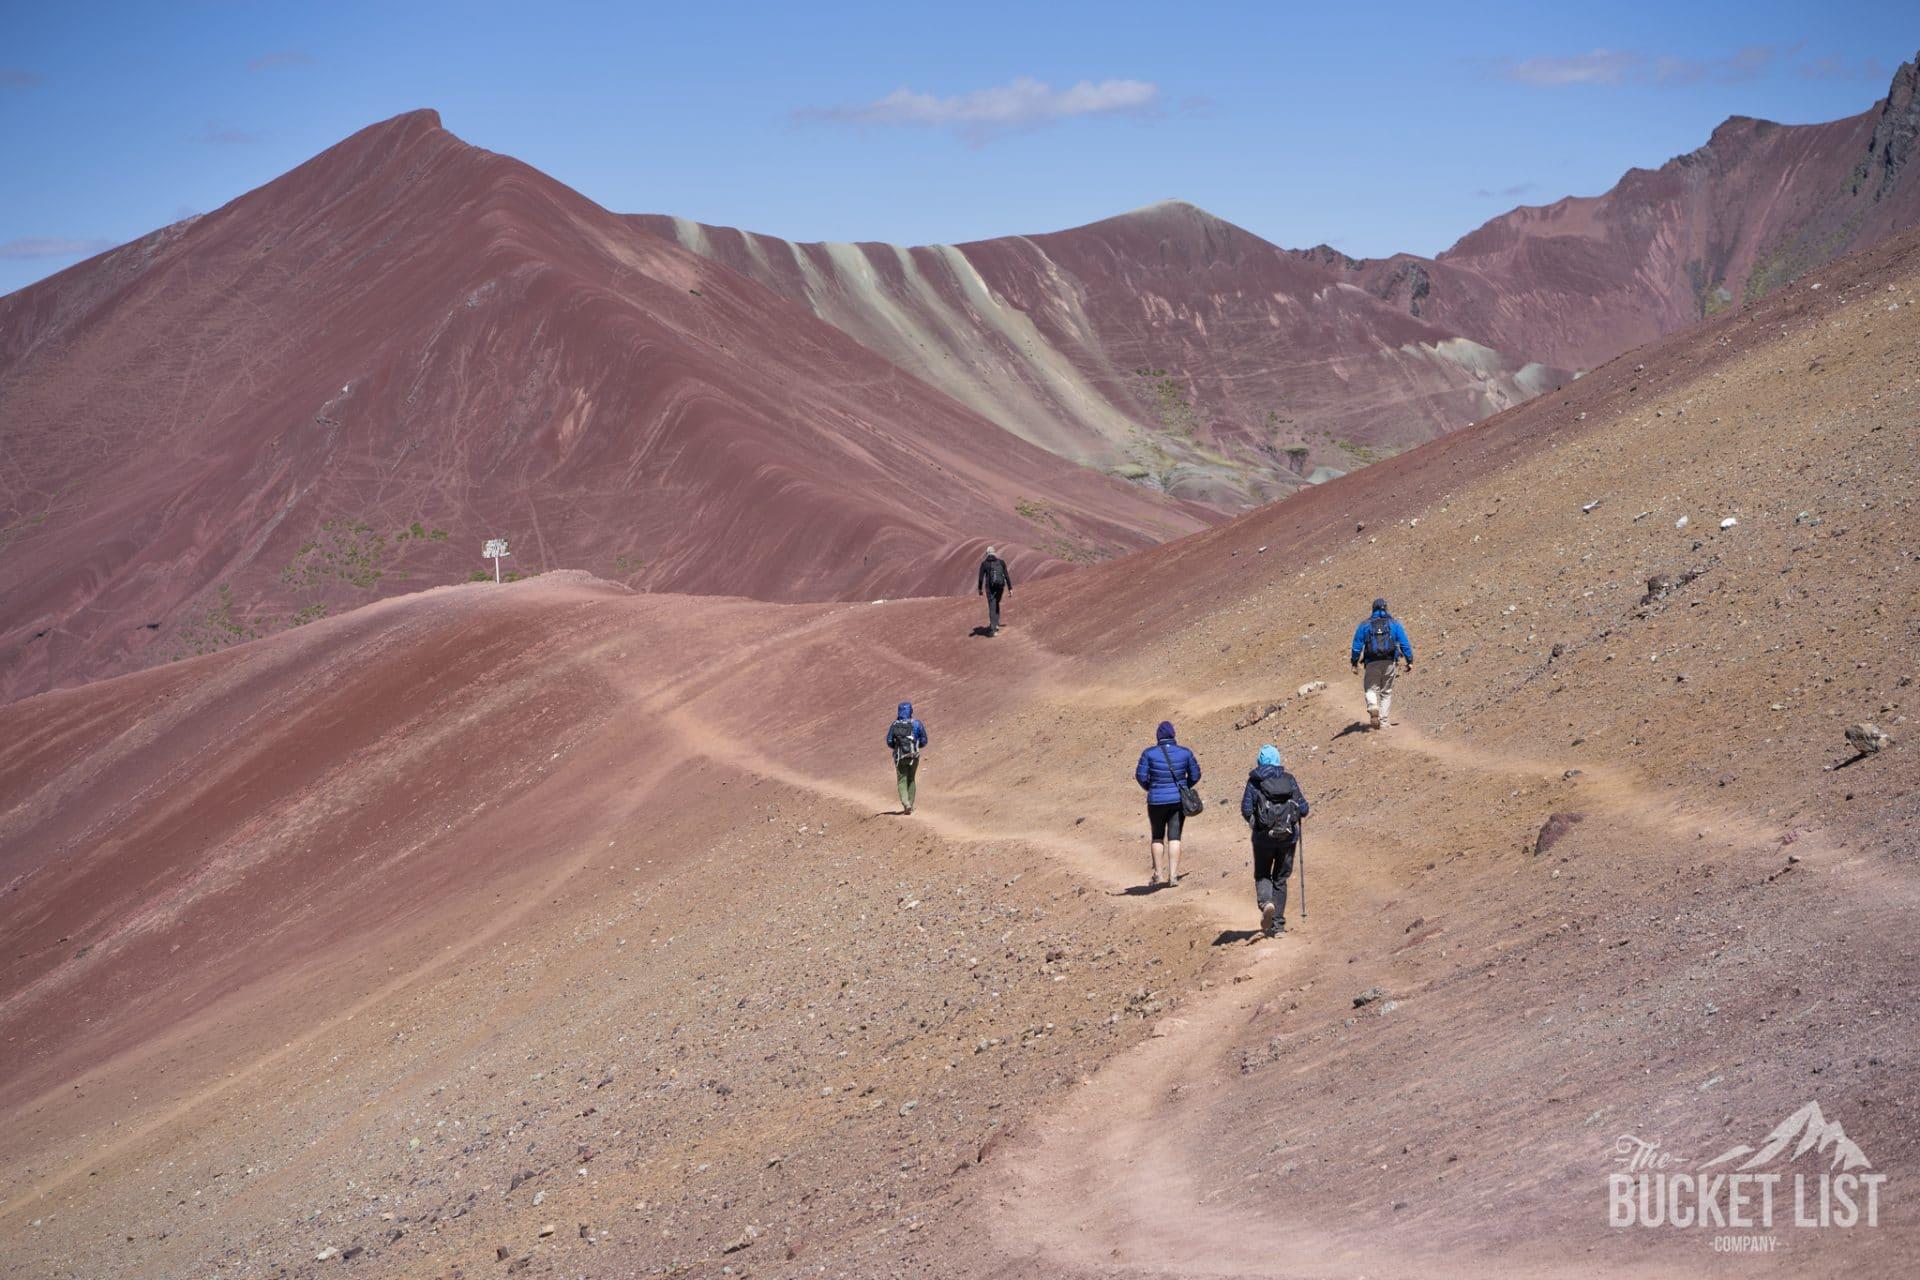 Trekking to Rainbow Mountain